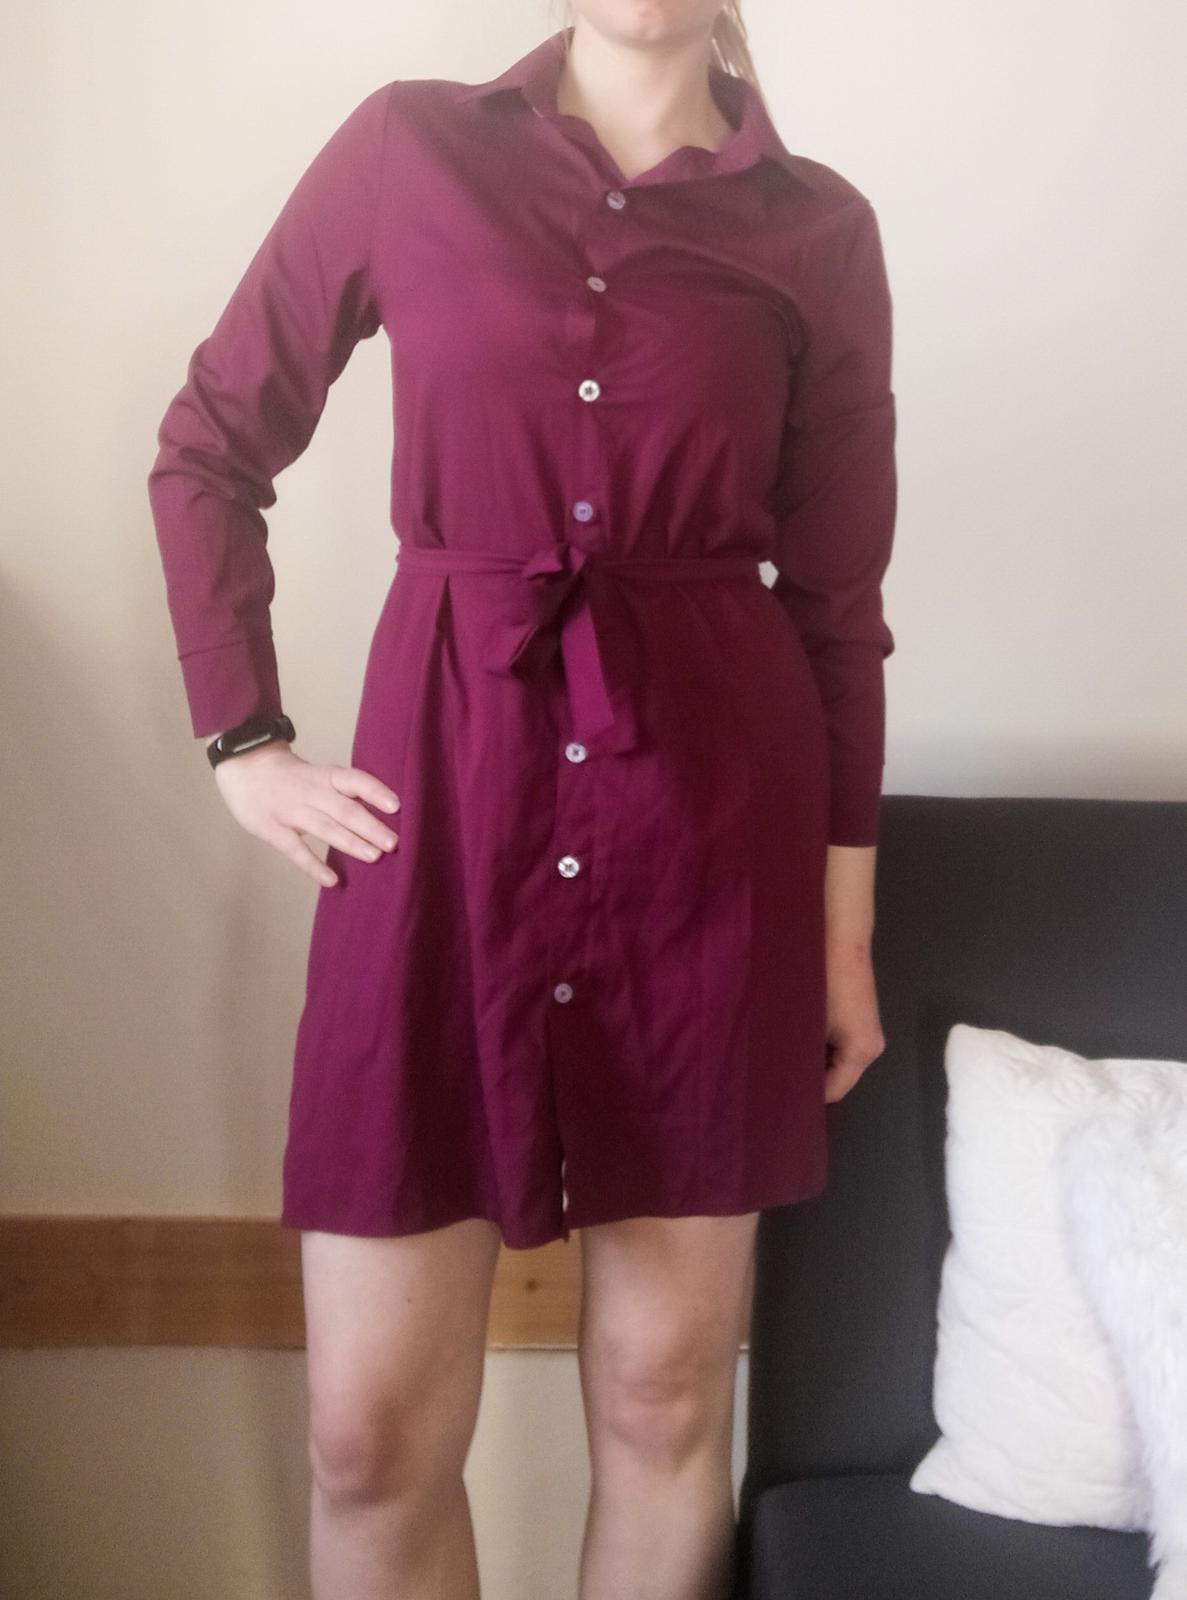 Košilové vínové šaty Erikafashion vel S. - Obrázek č. 1